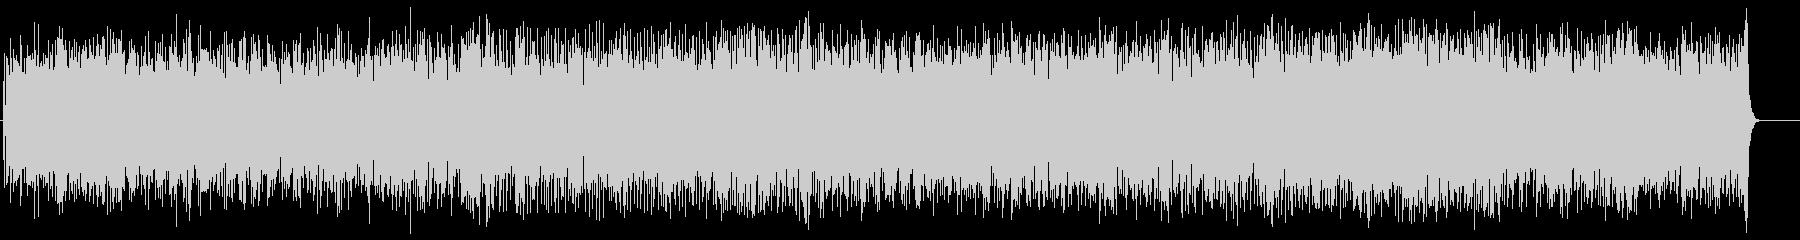 爽やかな歌謡曲風ポップス(フルサイズ)の未再生の波形